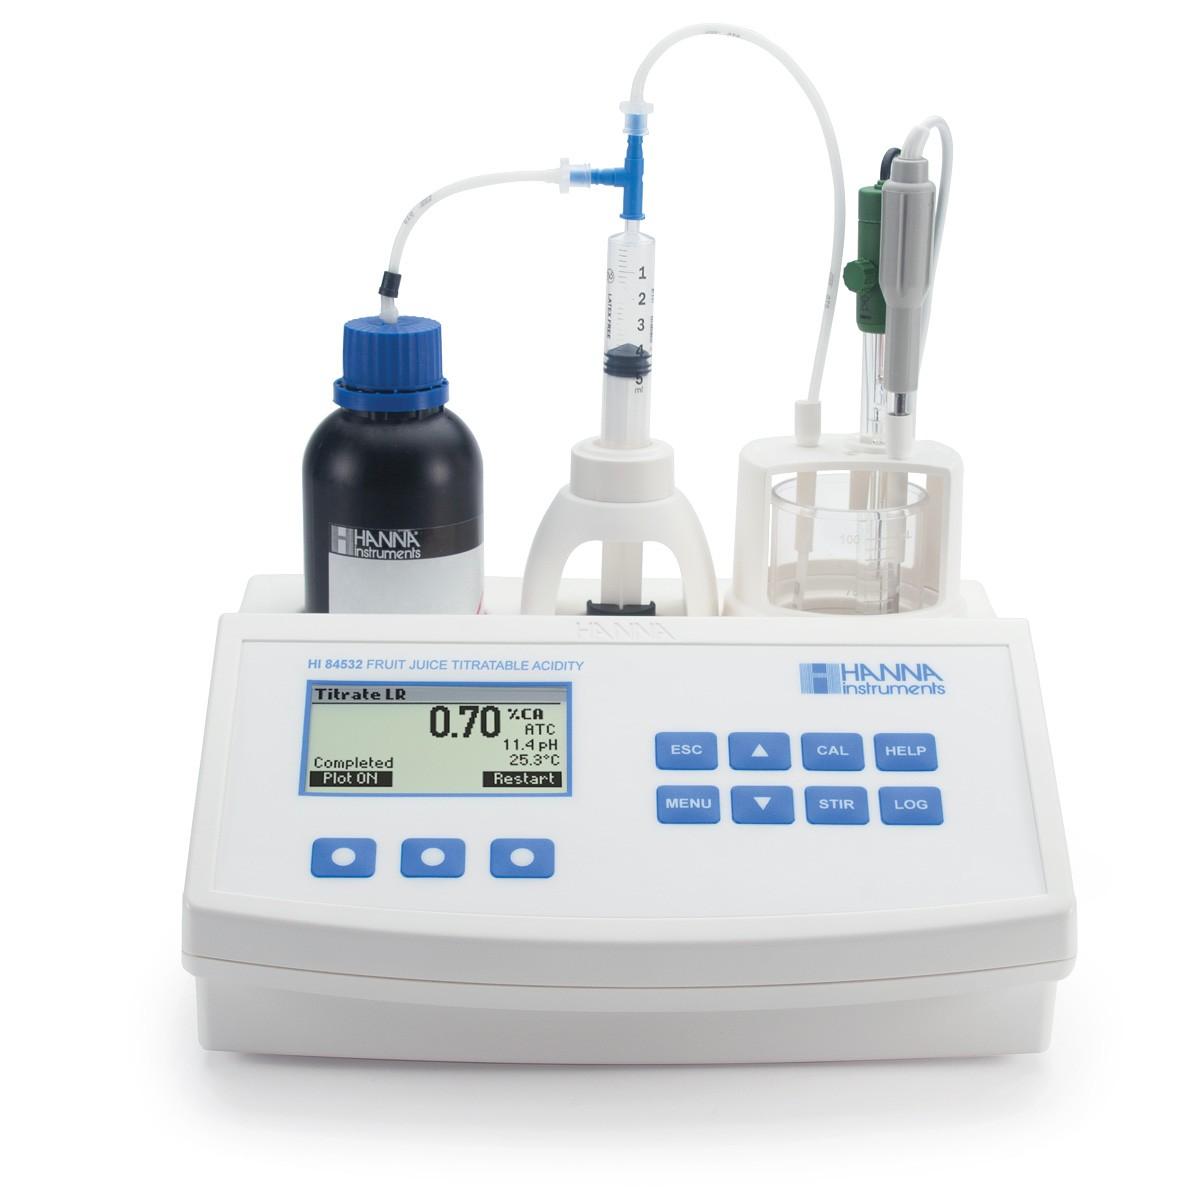 HI84532-Meyve Suyunda Titre Edilebilir Asitliği Ölçmek için Mini Titratör